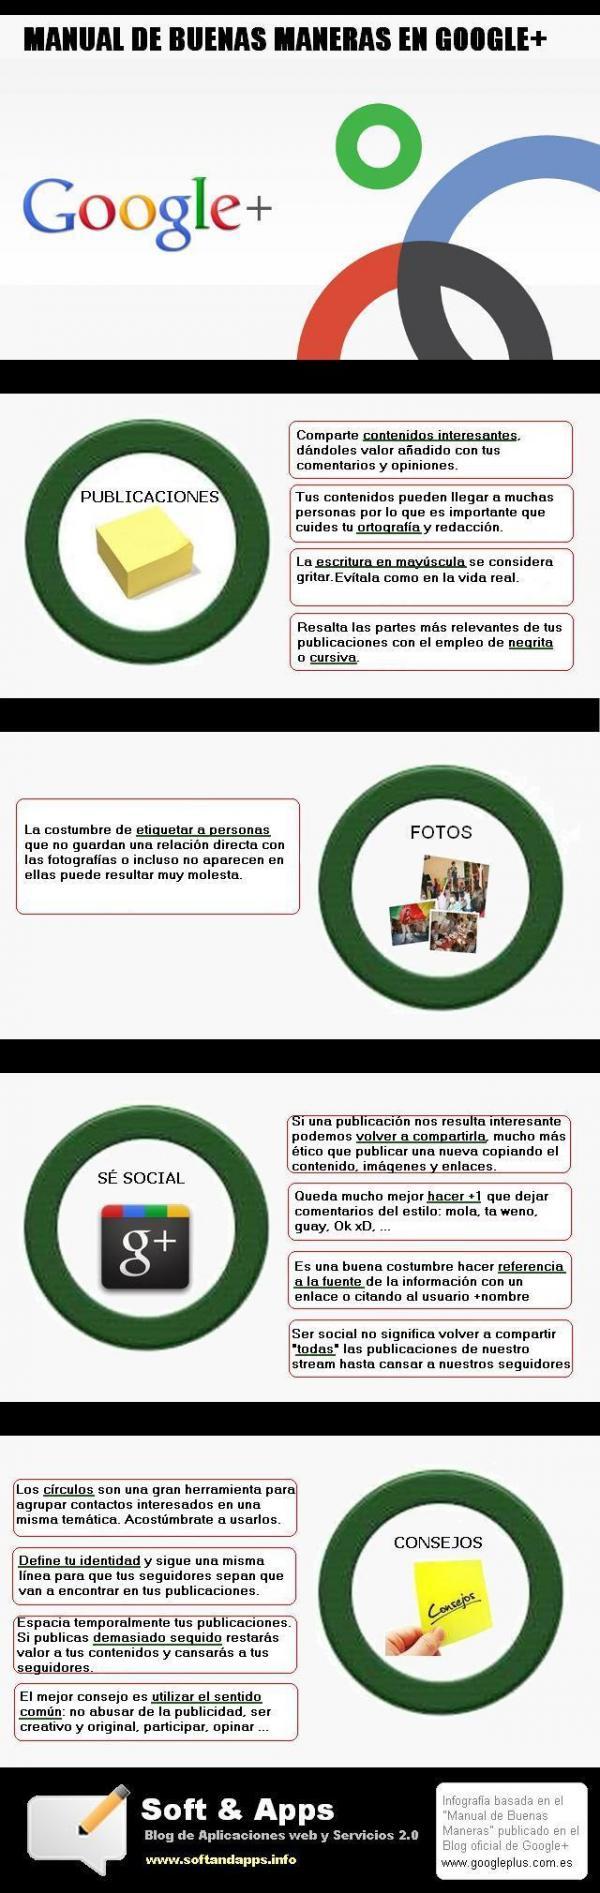 Actualidad Informática. Infografía de buenas maneras en Google Plus. Rafael Barzanallana